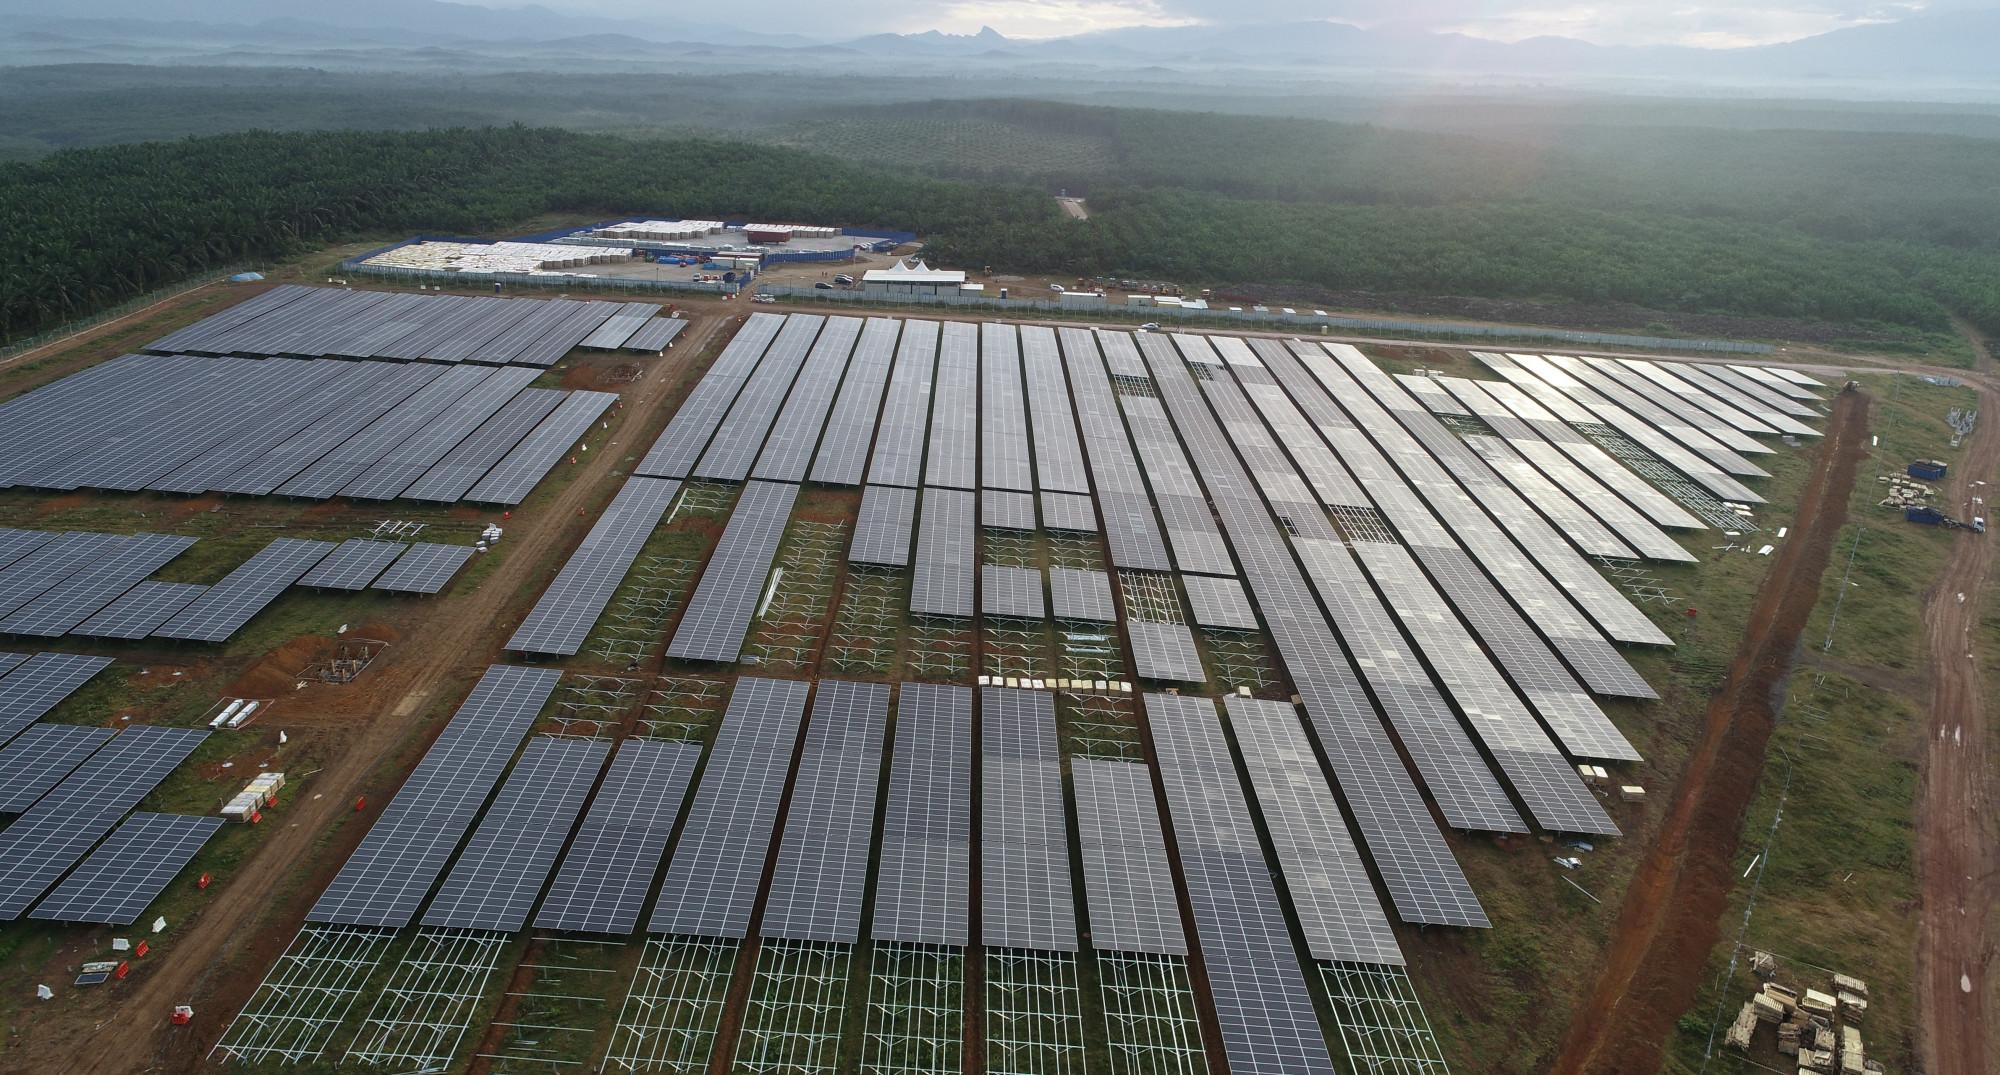 吉大型太阳光伏电站 国能:完成84%